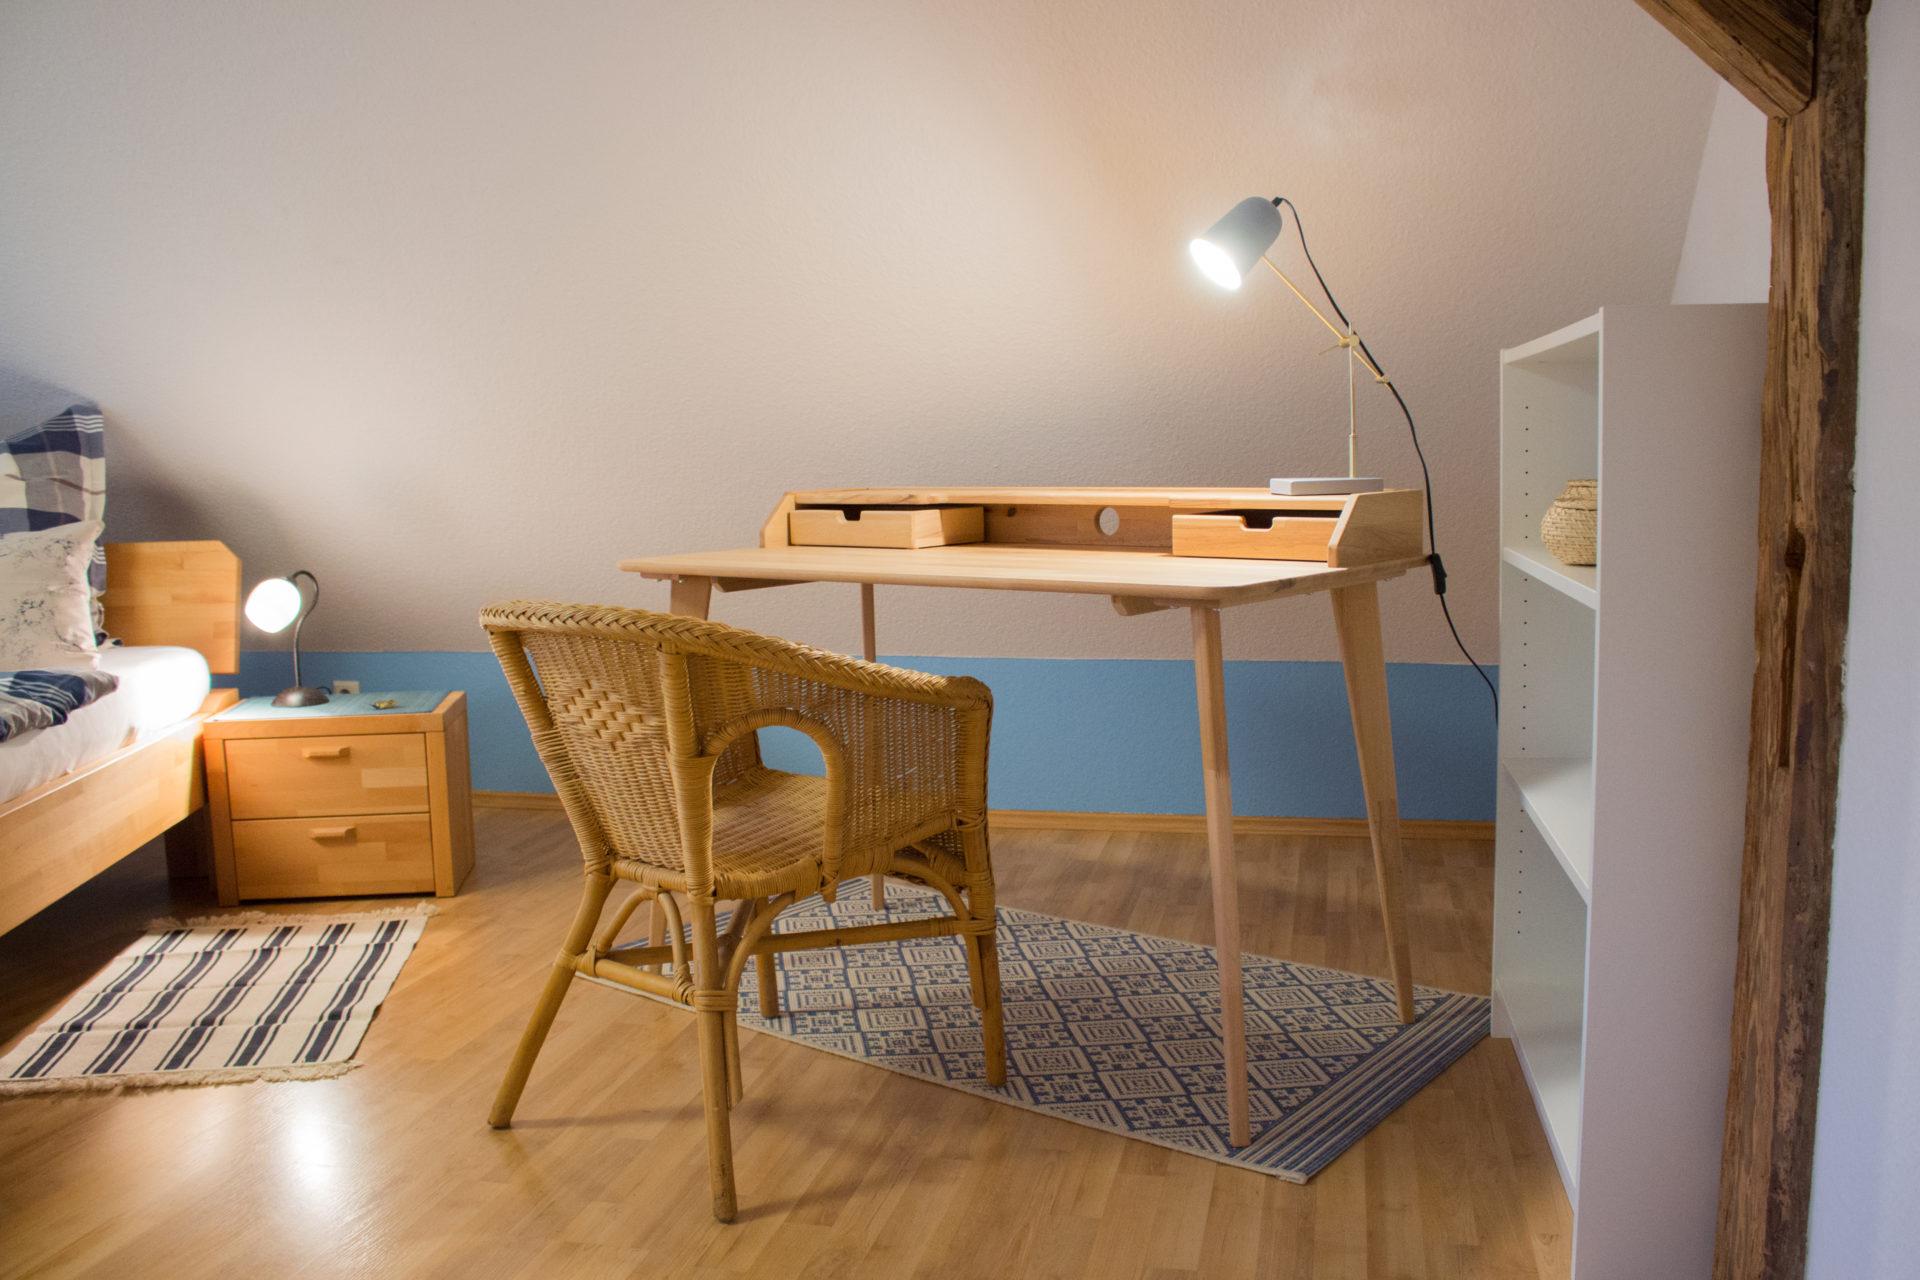 Ferienwohnung Schwalbennest - Schlafzimmer